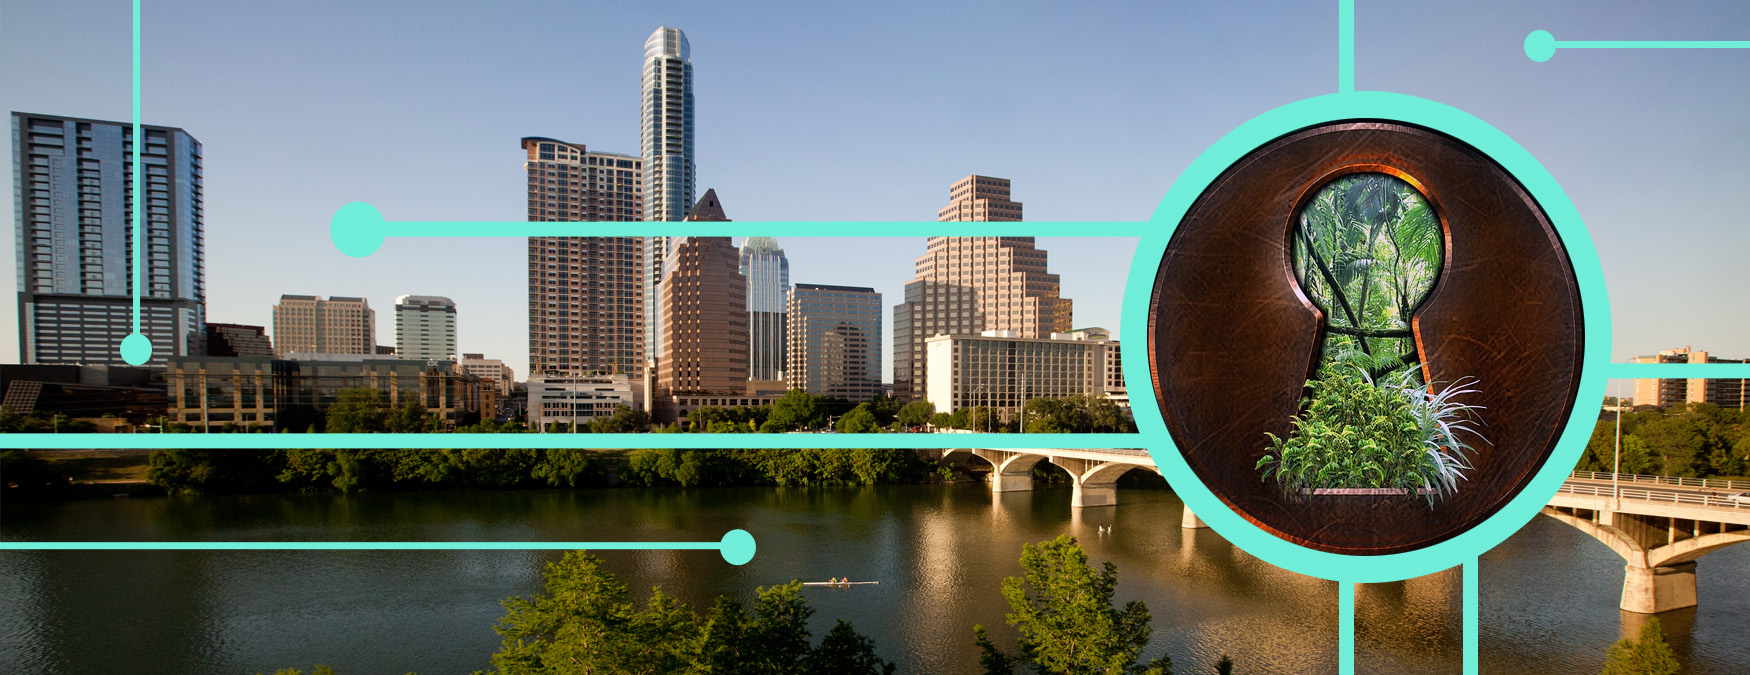 Austin City Page Image - ERR